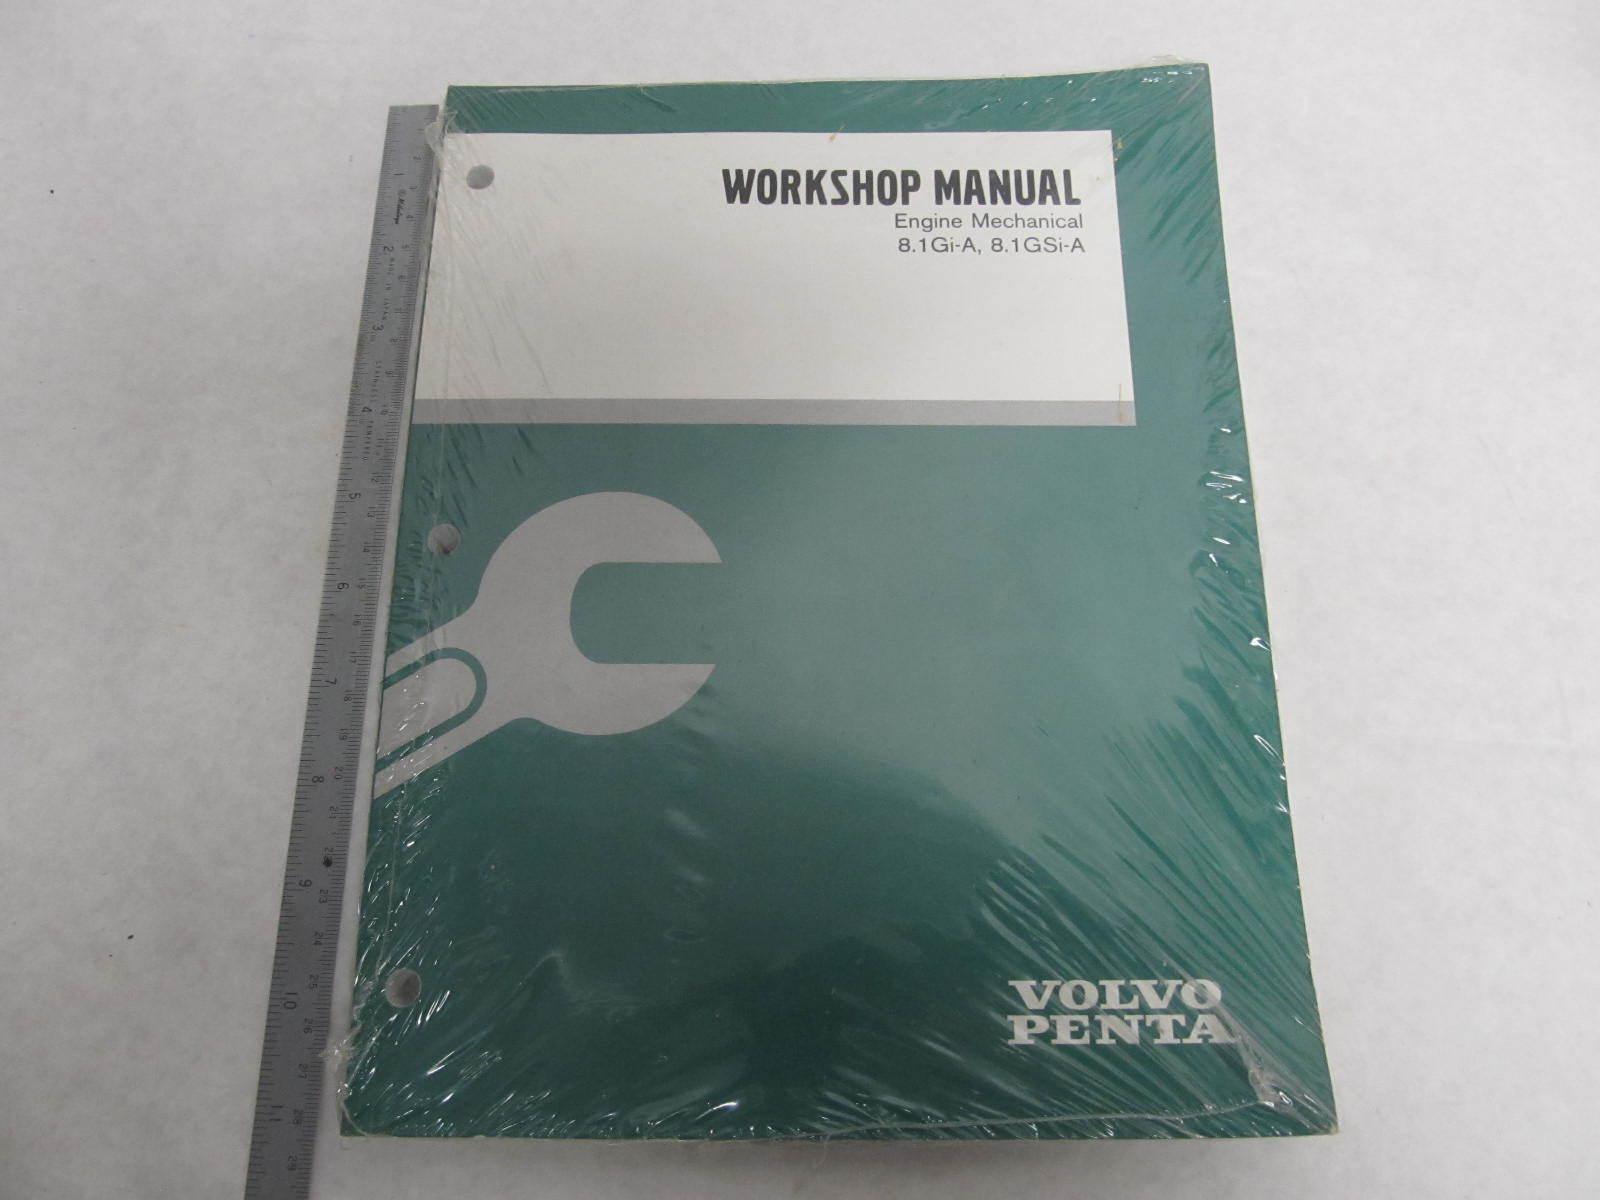 volvo penta 8 1l owners manual